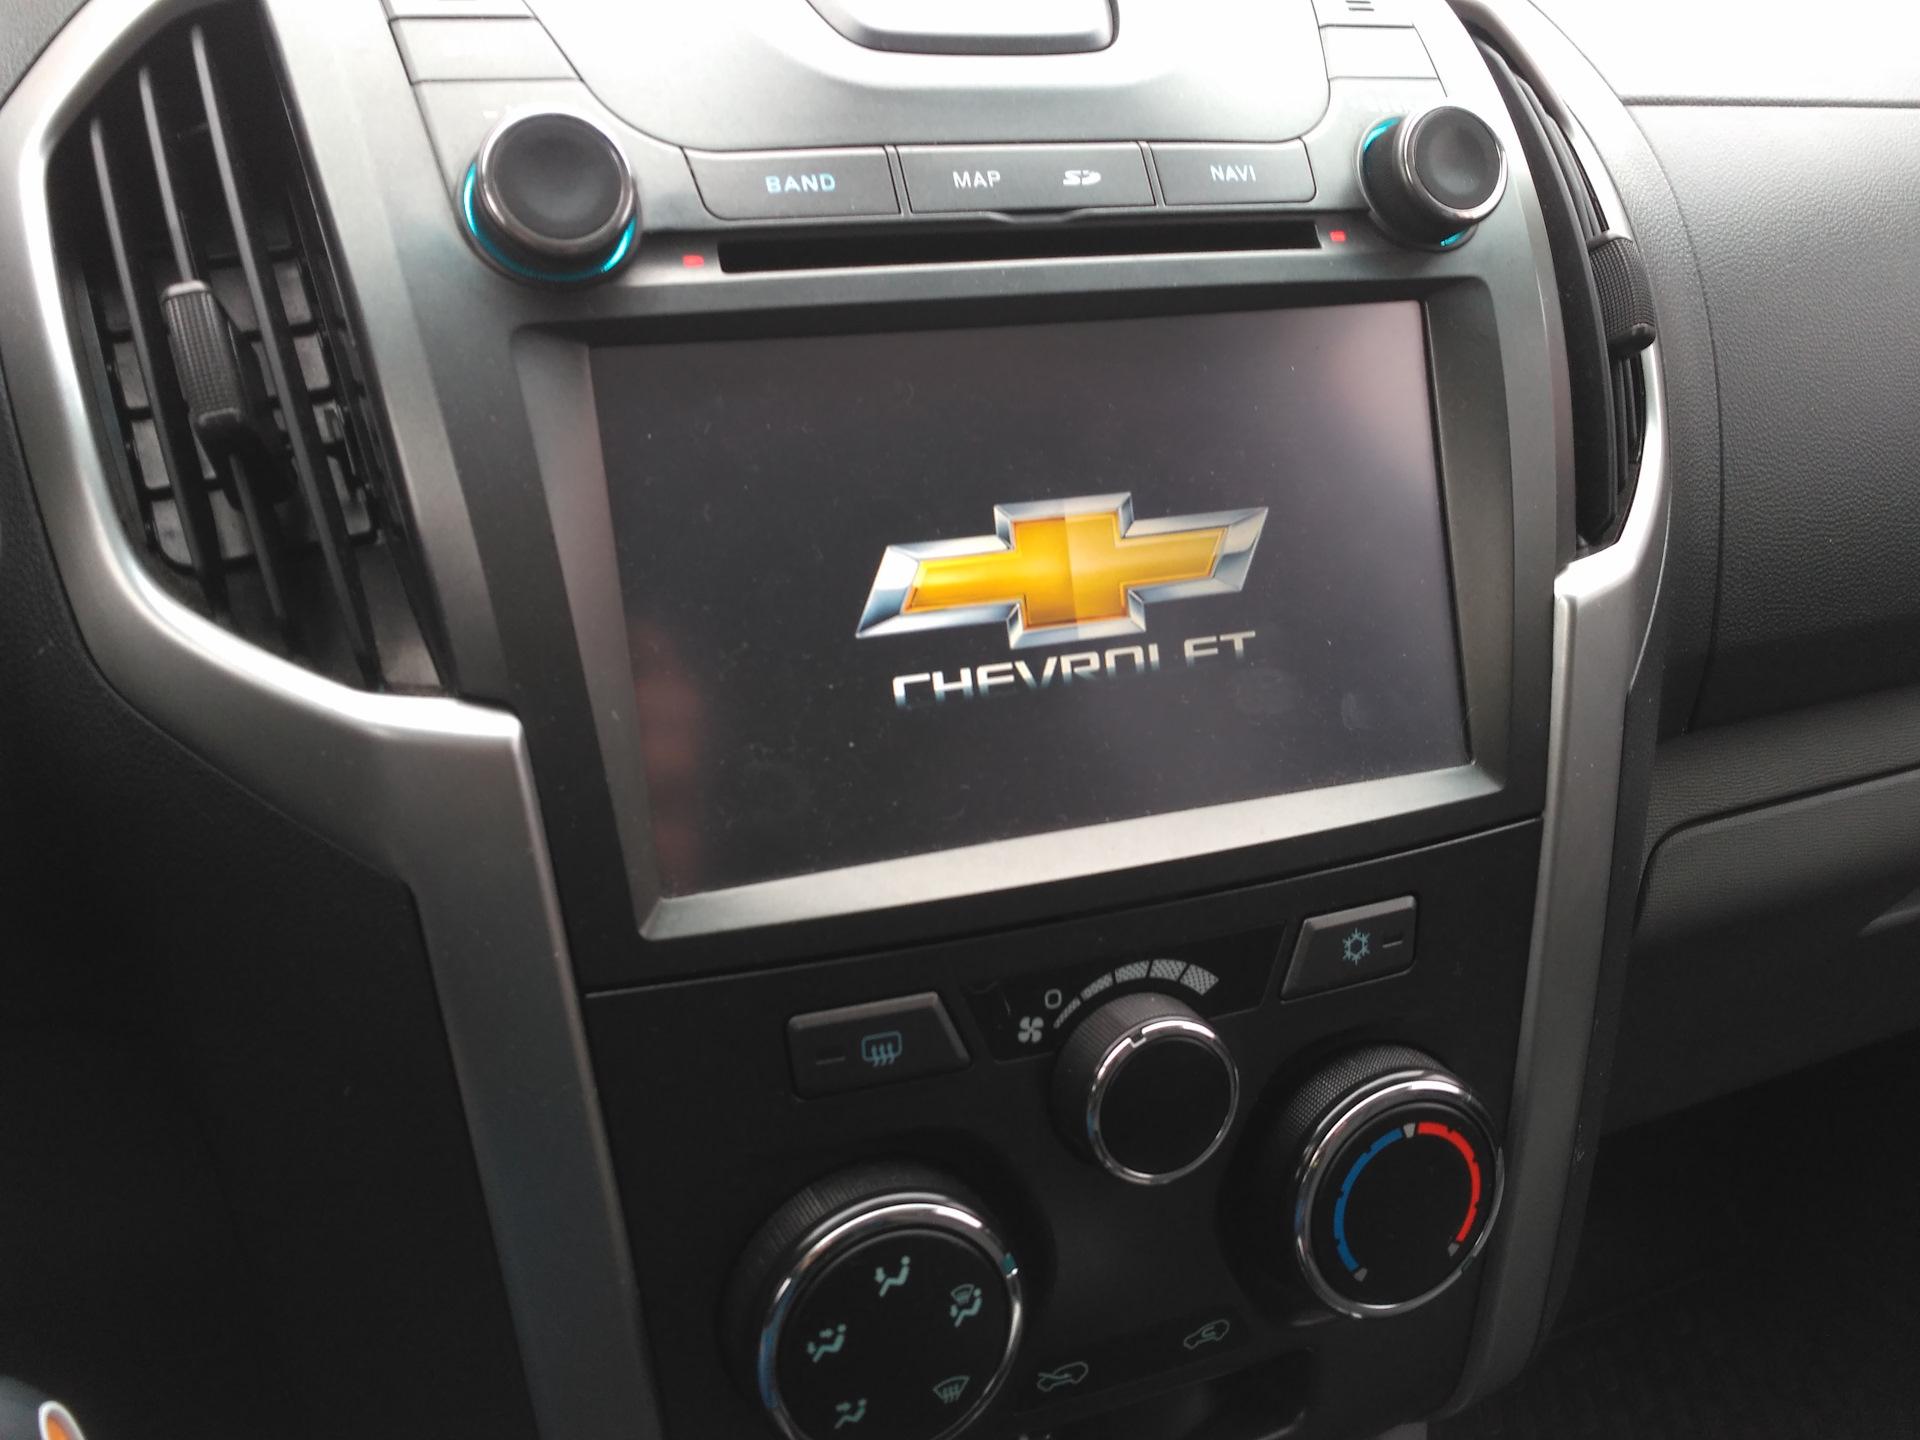 Штатные автомагнитолы Chevrolet – благоприятный климат в твоем автомобиле